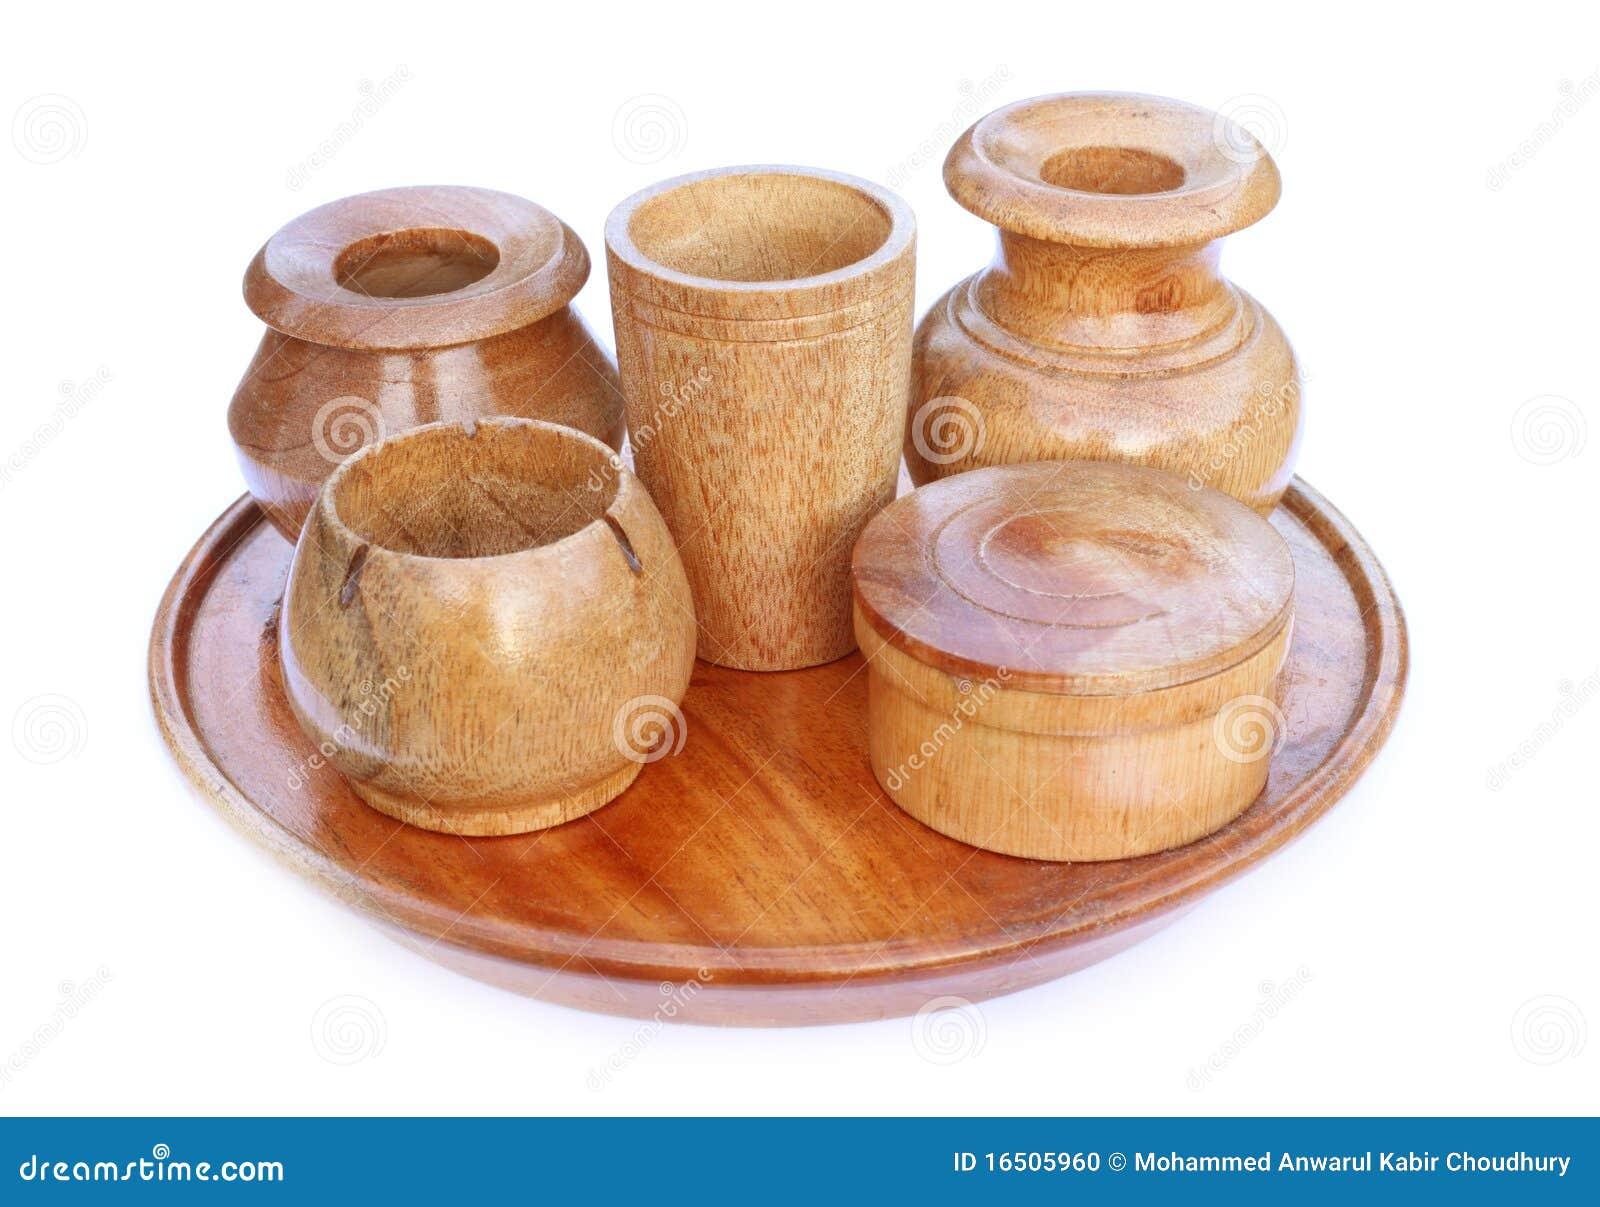 Utensilios de cocina de madera foto de archivo imagen for Utensilios cocina